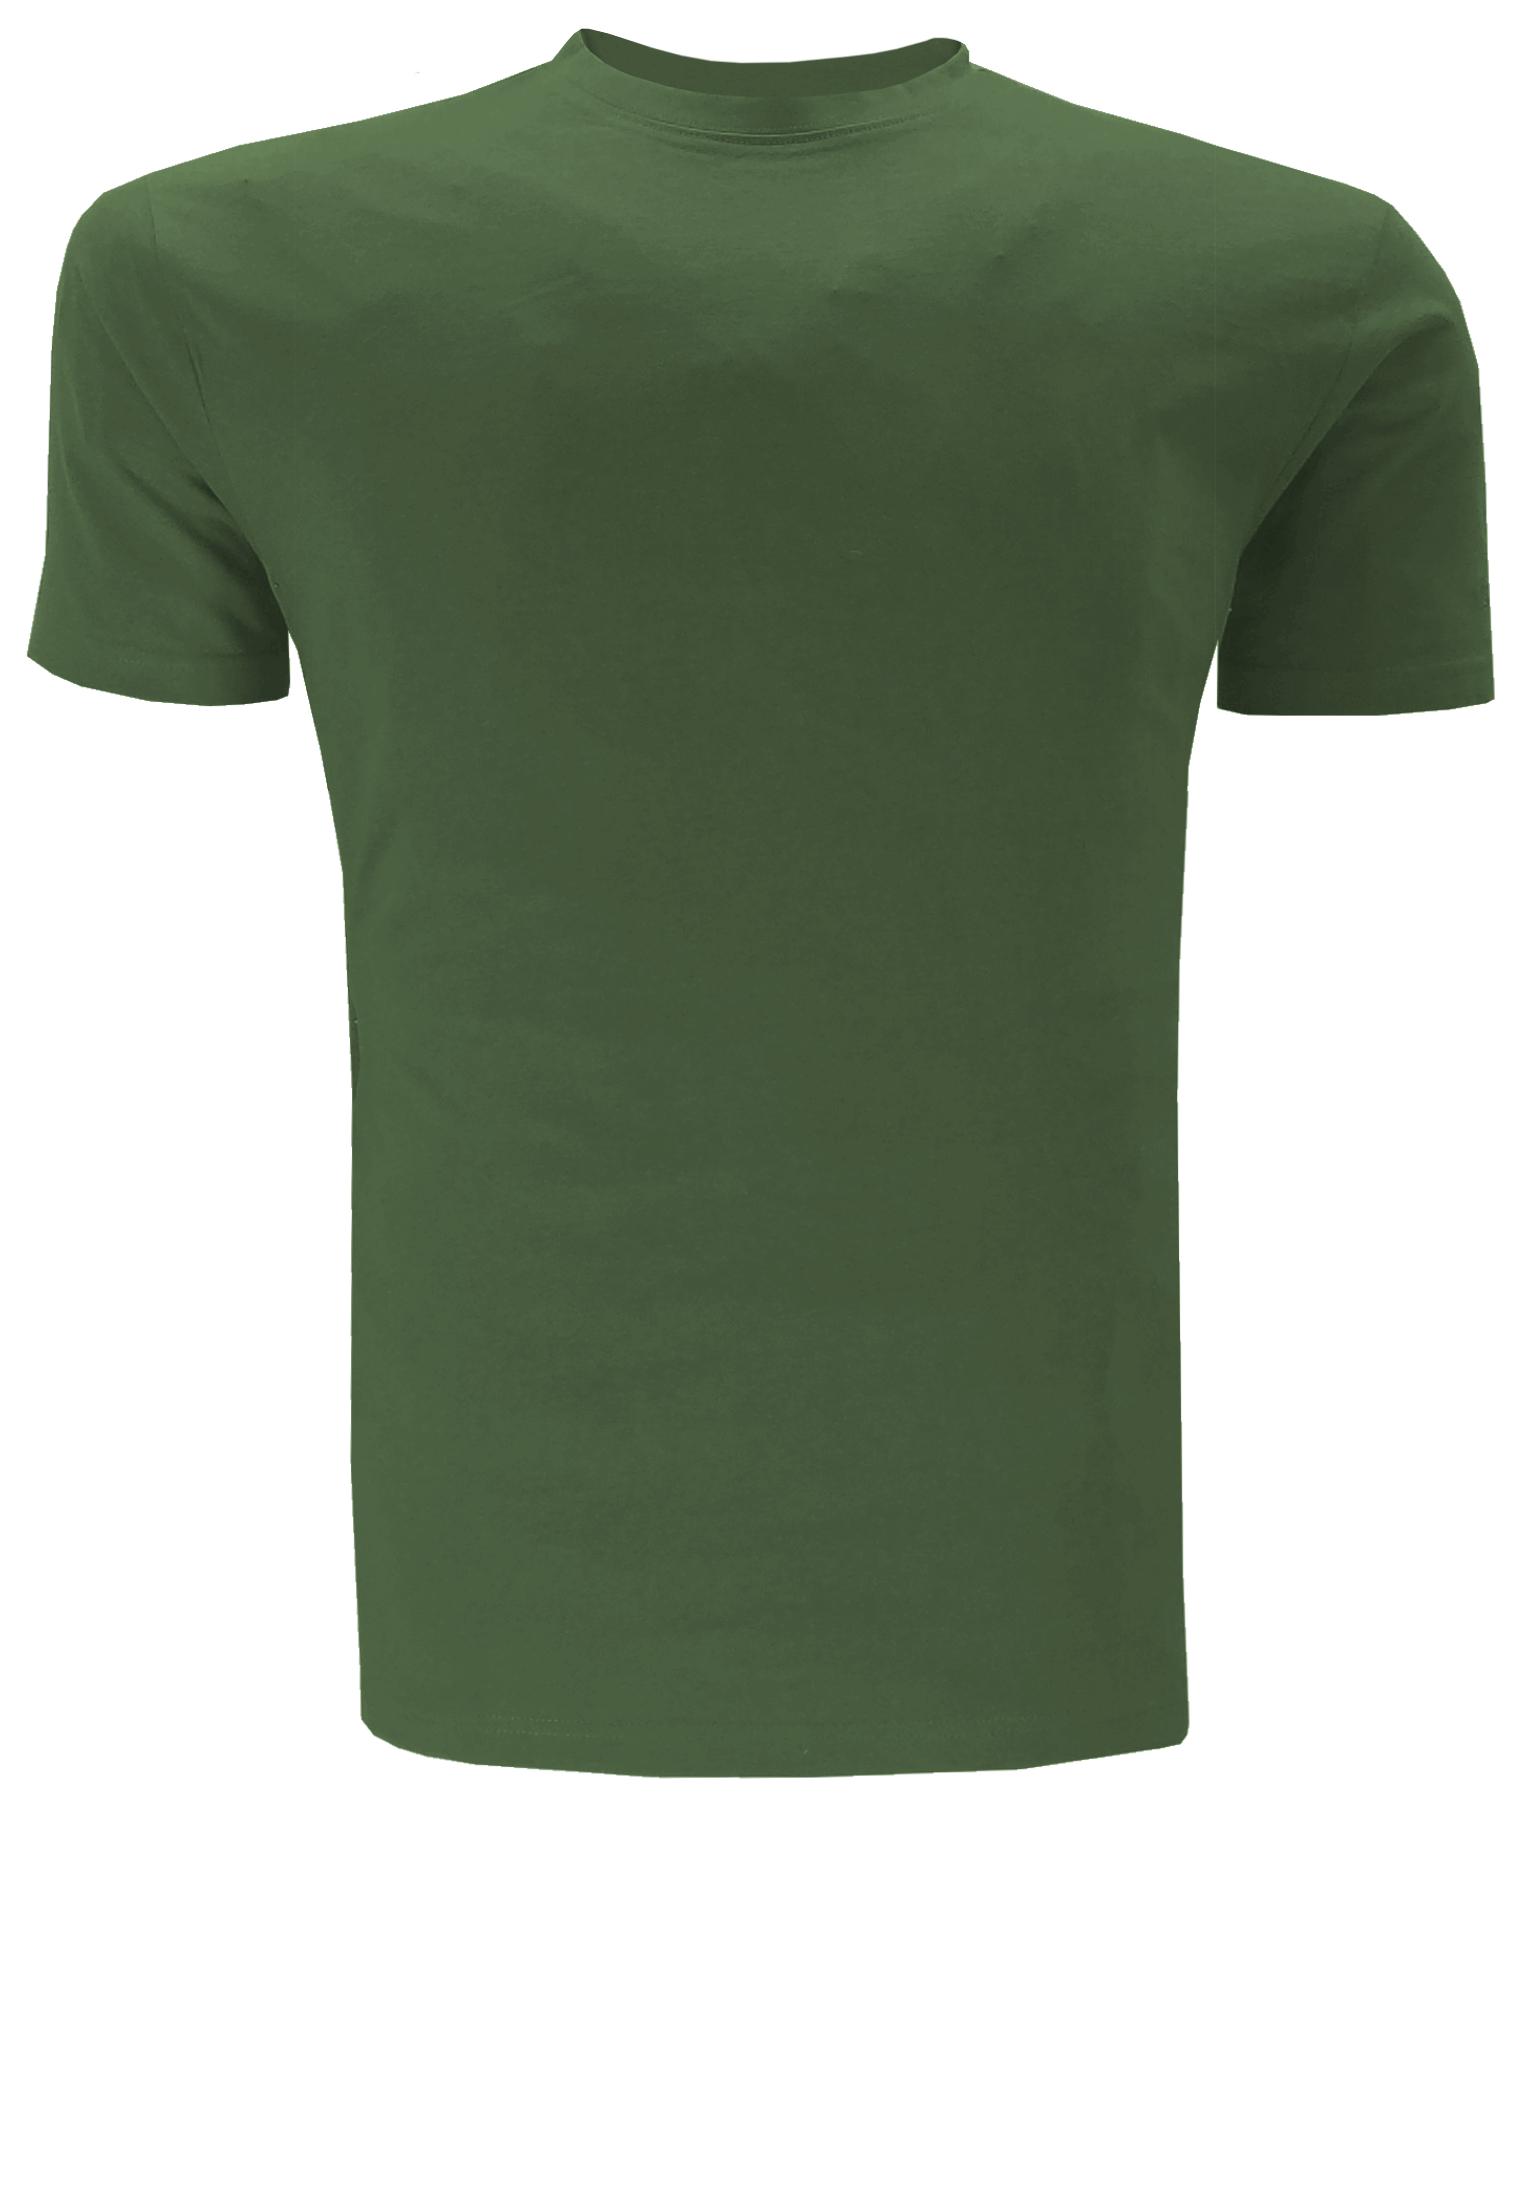 Effen t-shirt met ronde hals, een geborduurd merklogo op de linker mouw en een contrasterende streep in de kraag.